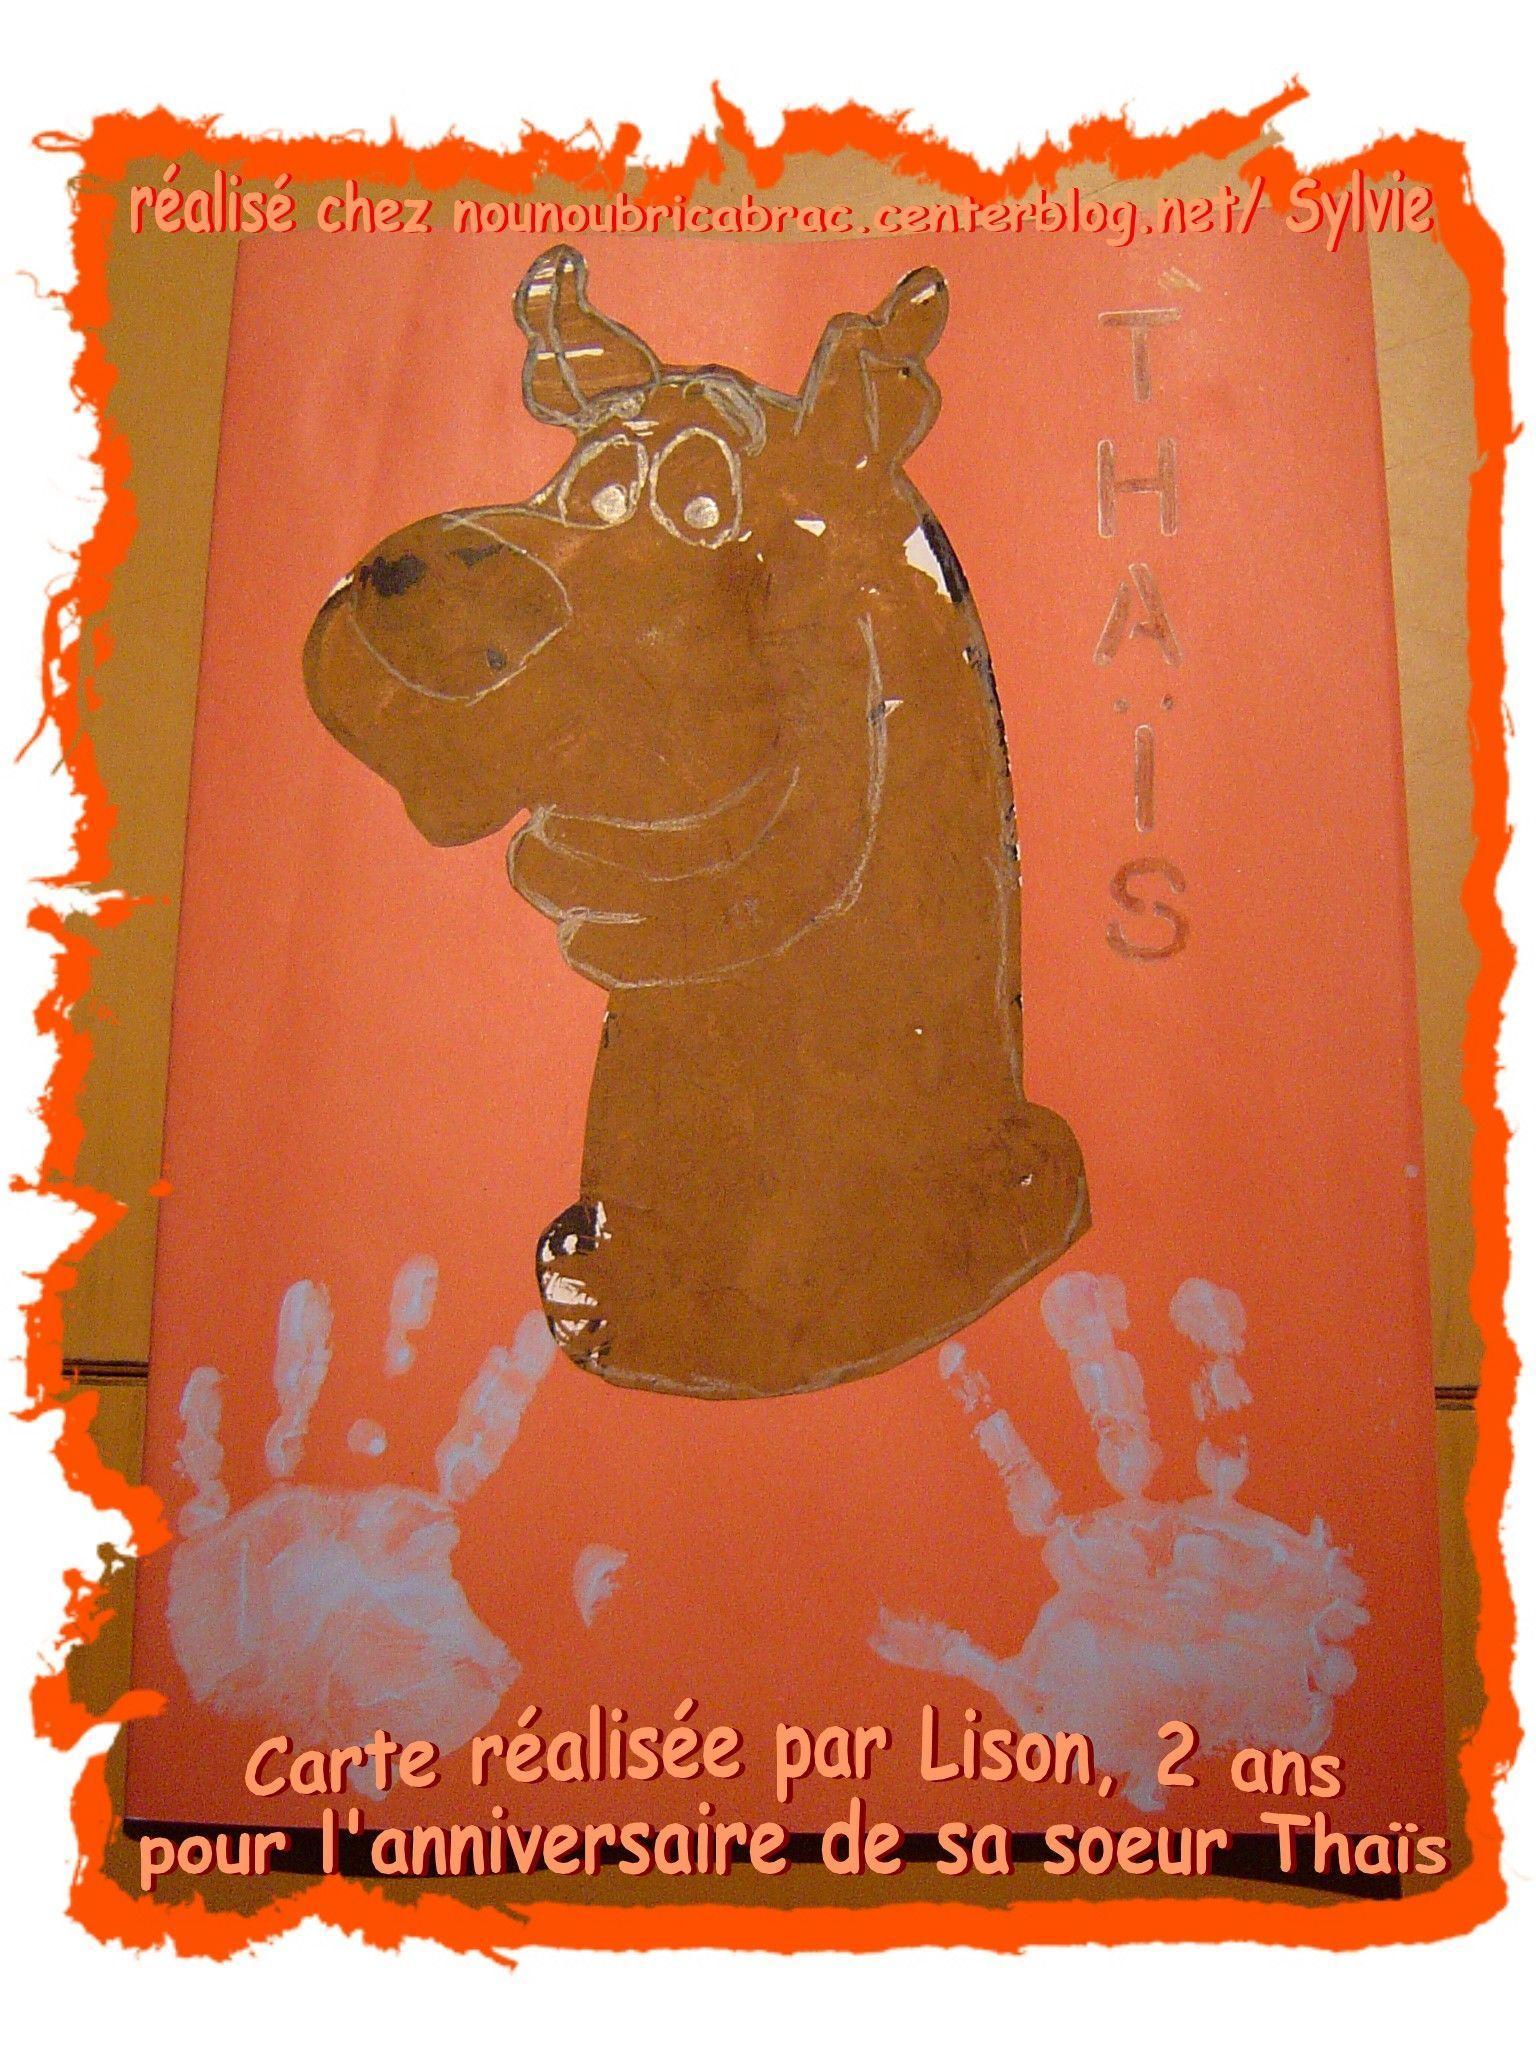 Carte réalisée par Lison, 2 ans